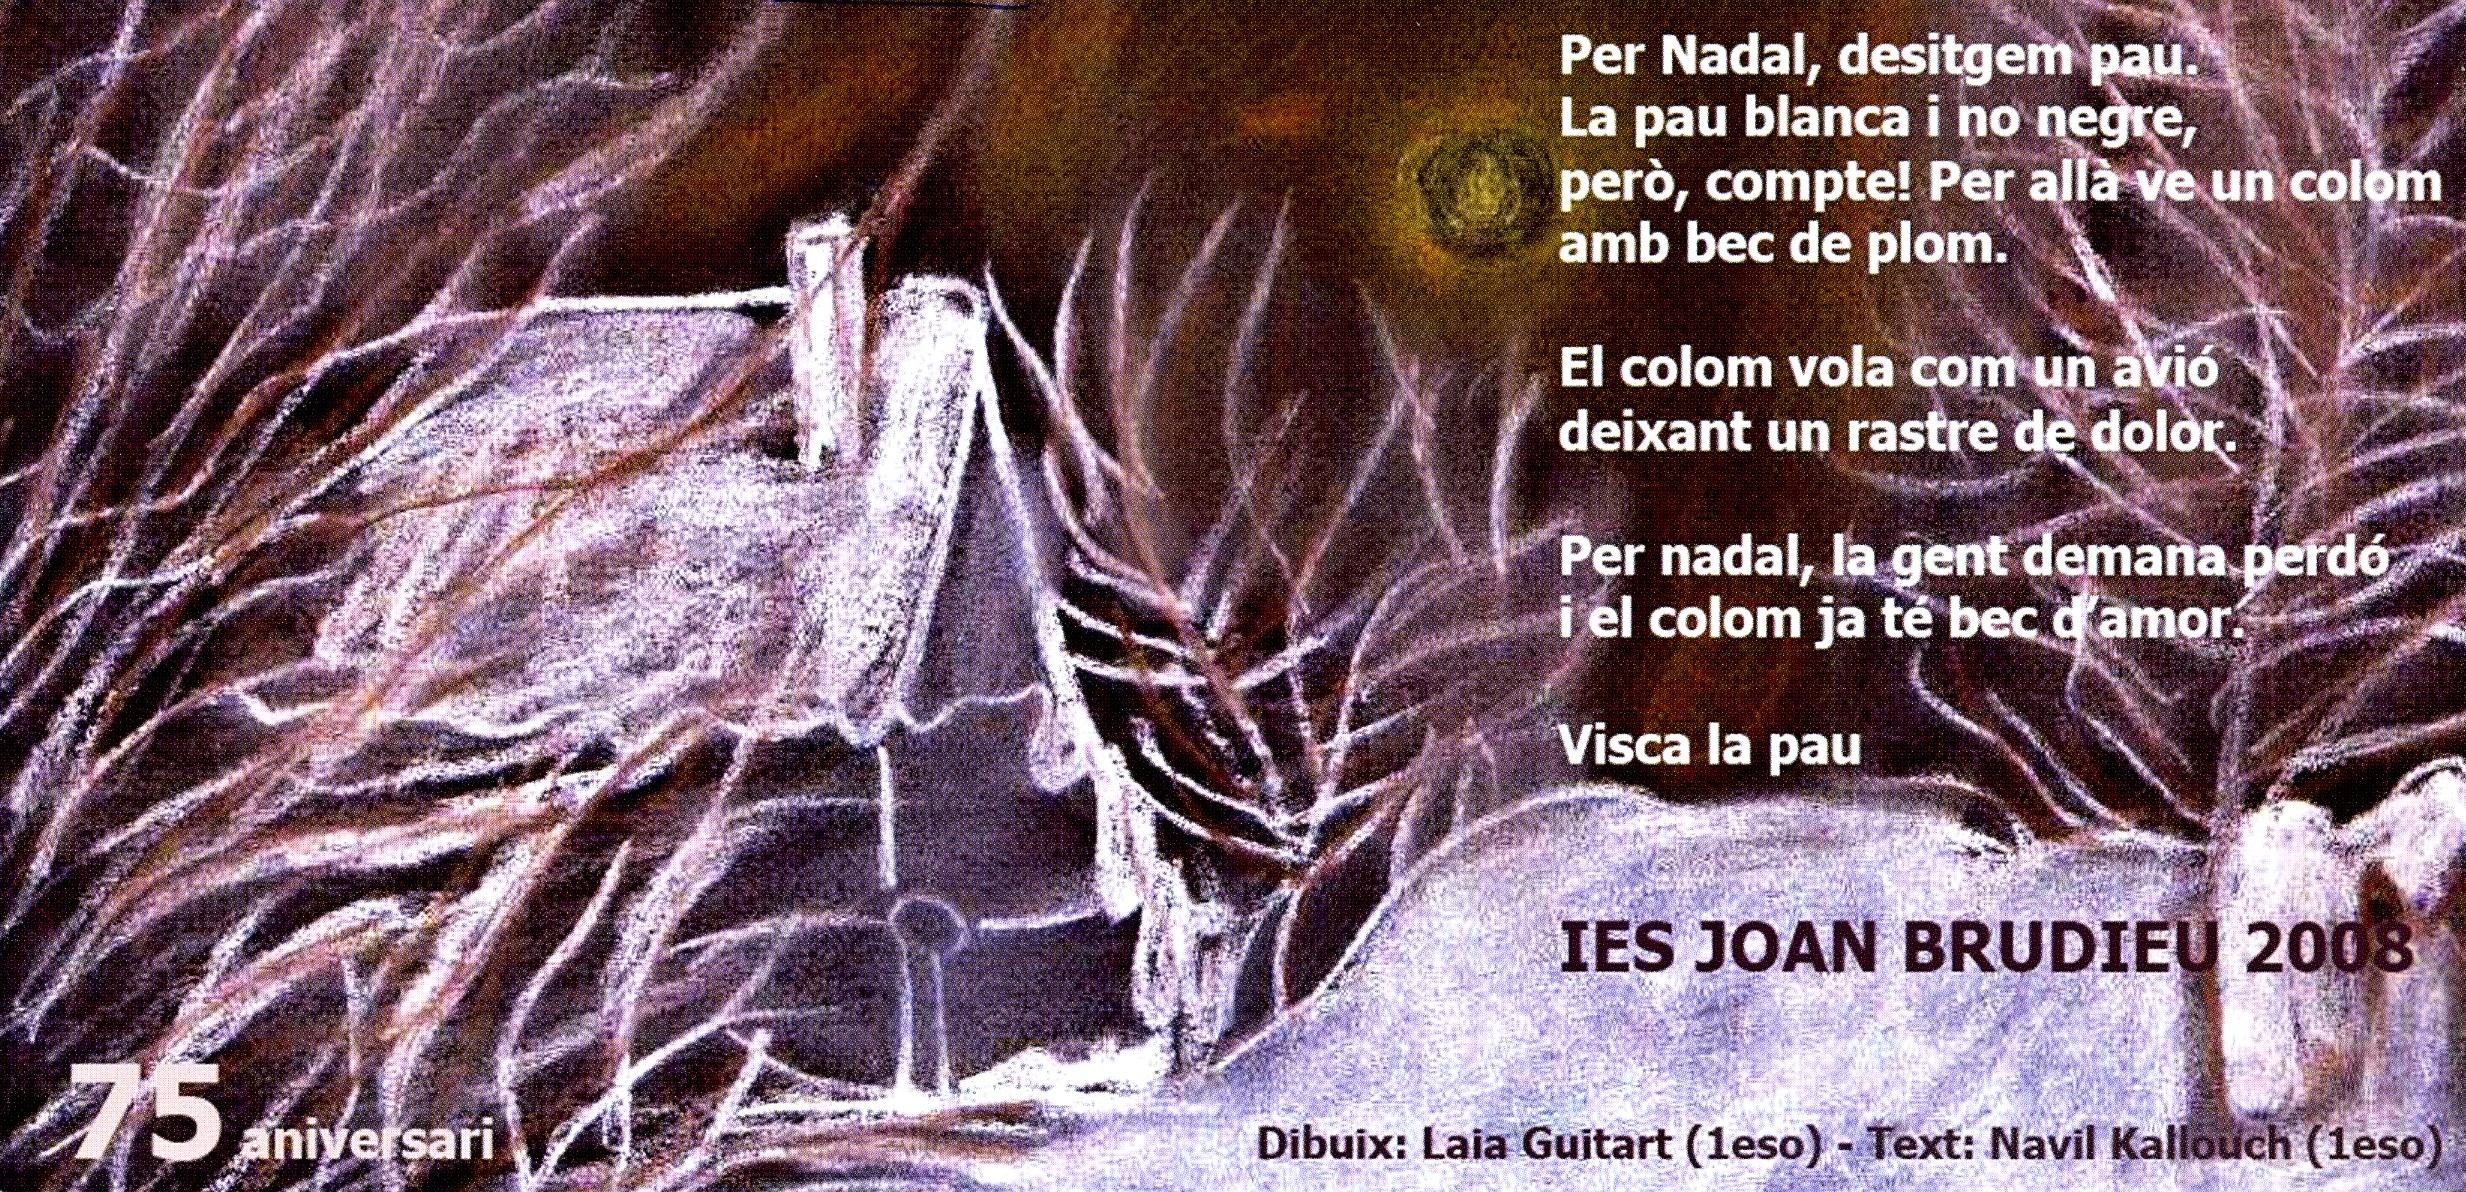 http://institutjoanbrudieu.cat/public/web_centre/html/documents/institut/curs/Nadala_2008_Institut_Joan_Brudieu.jpg